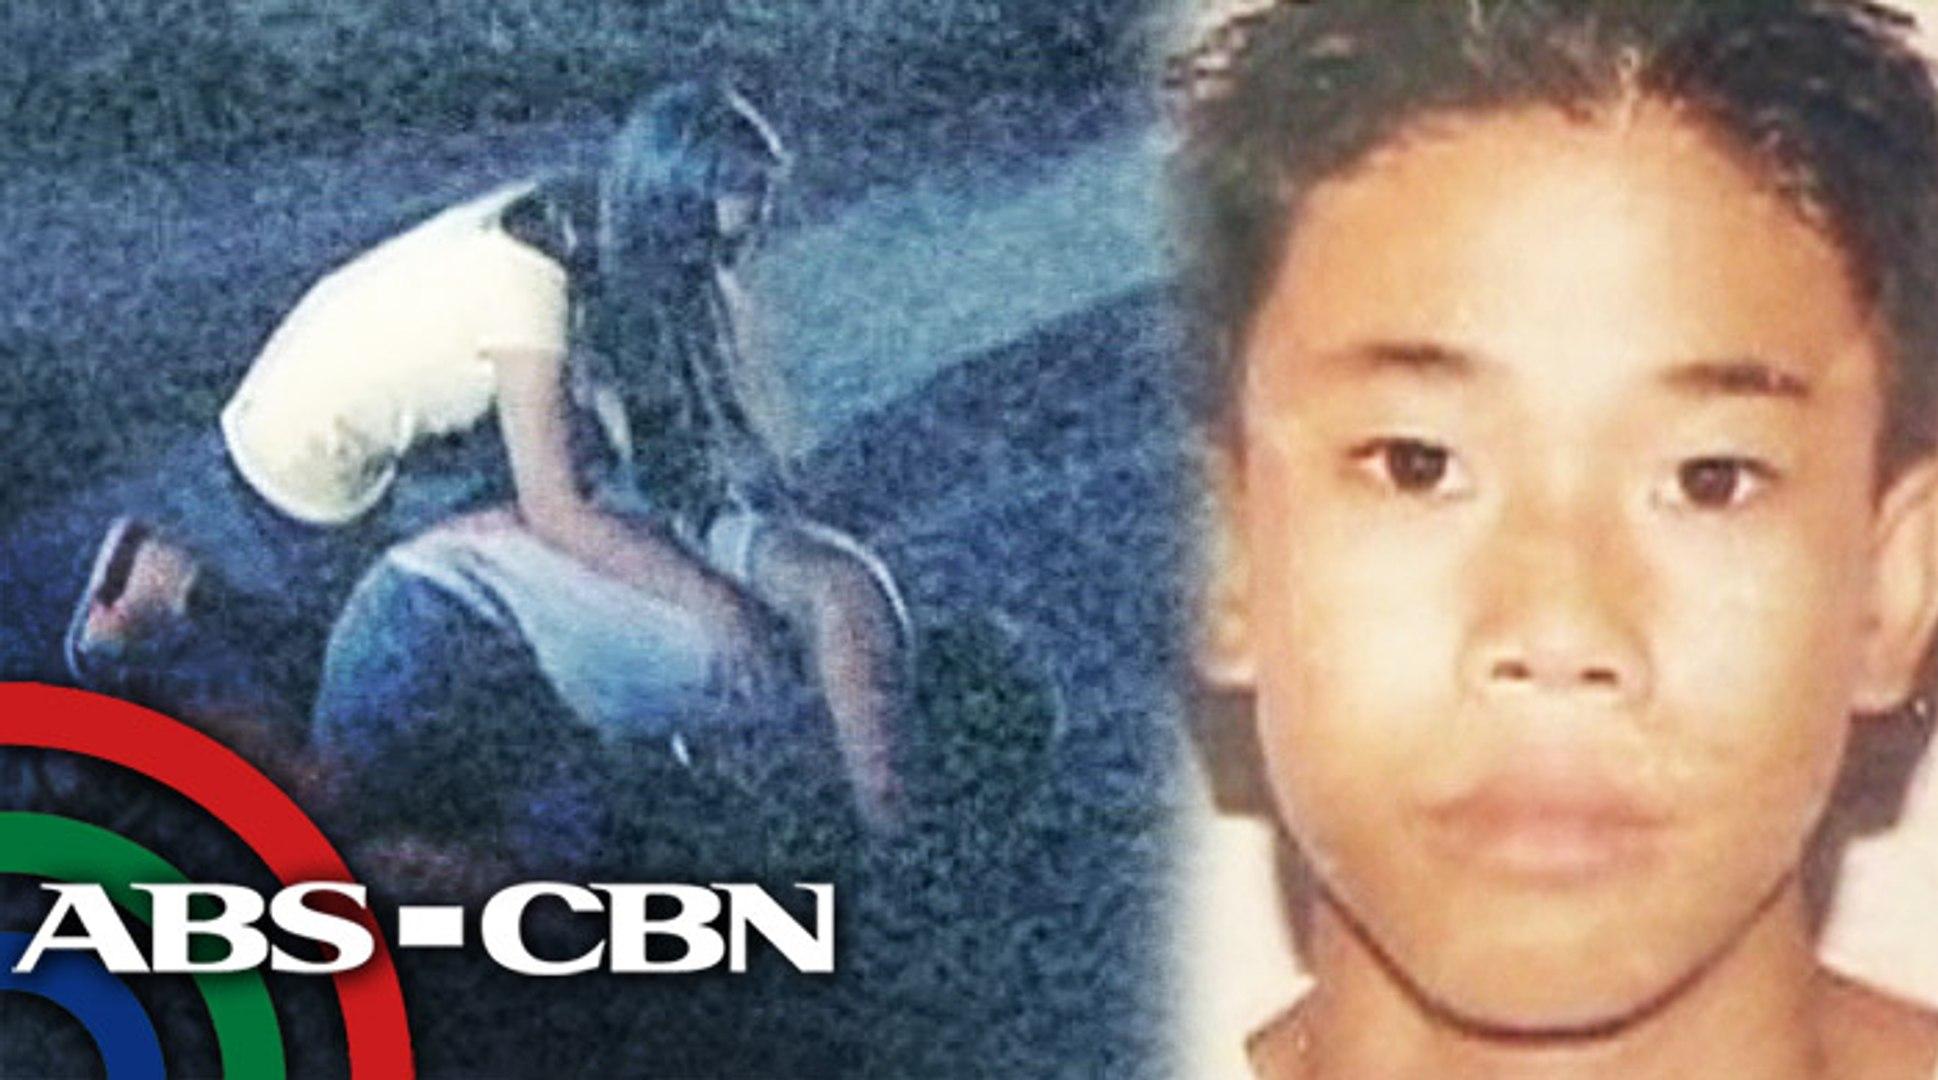 Soco: 17-Year Old Boy Killed in Los Banos, Laguna